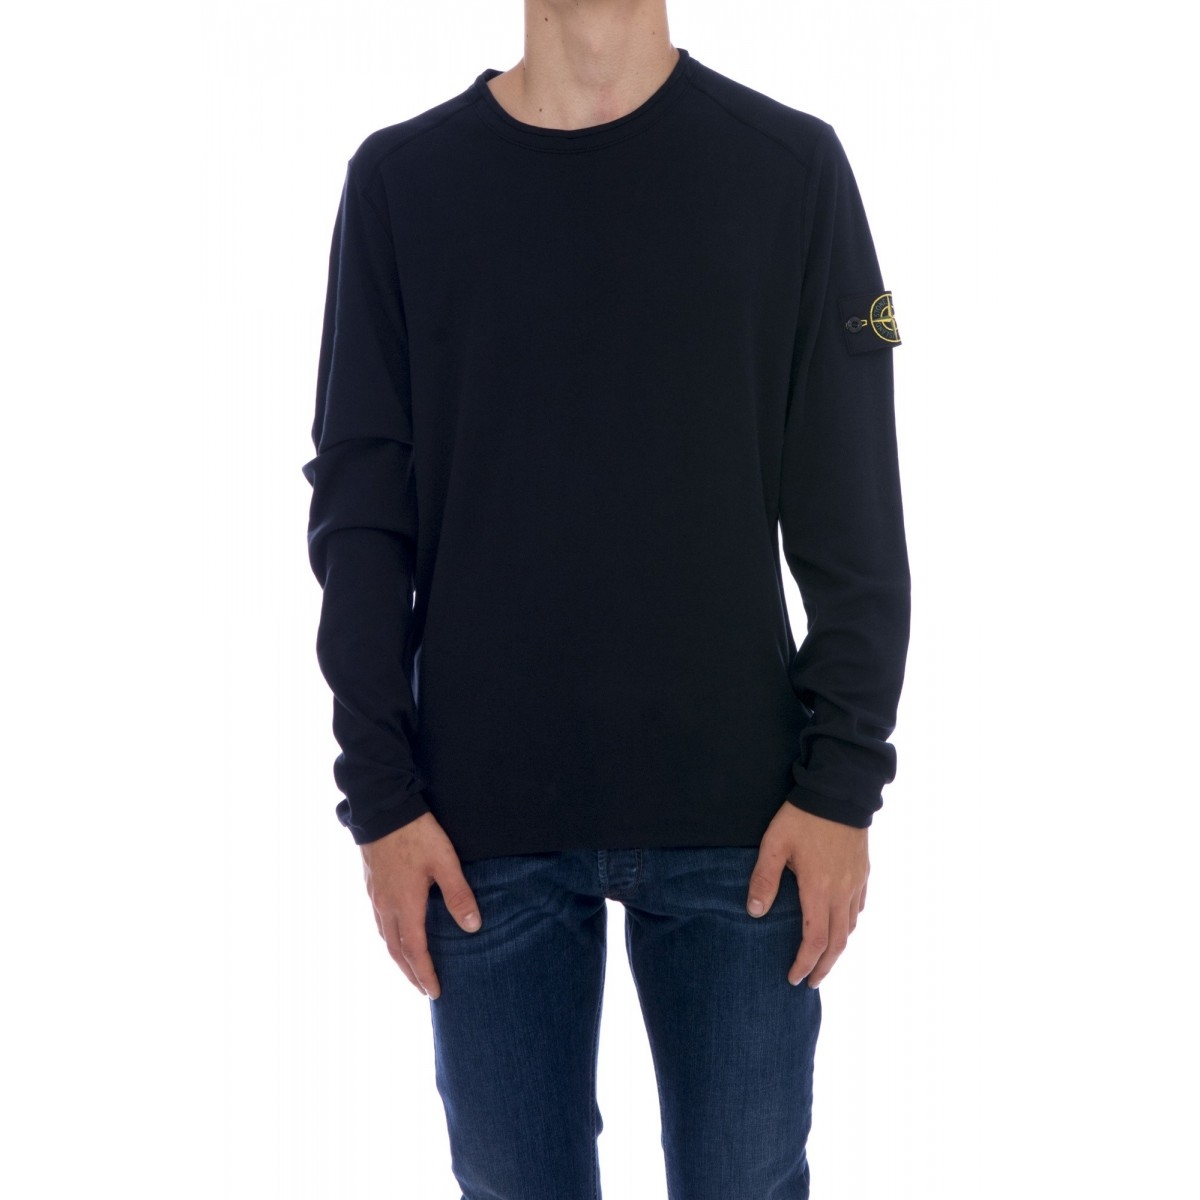 T-shirt uomo Stone island - 20745 t-shirt manica lunga interlock